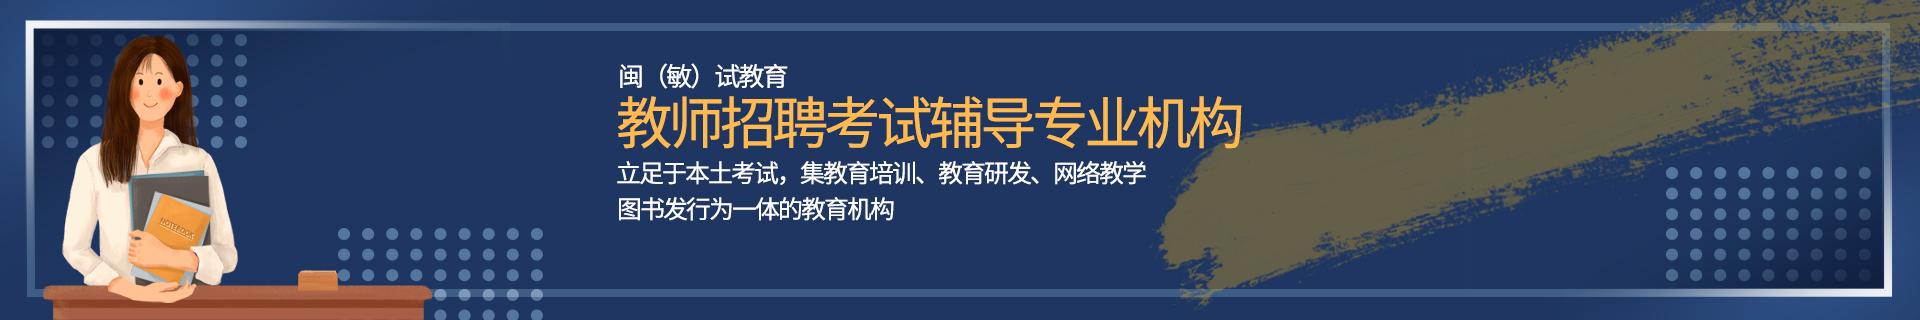 平潭闽试教育培训机构